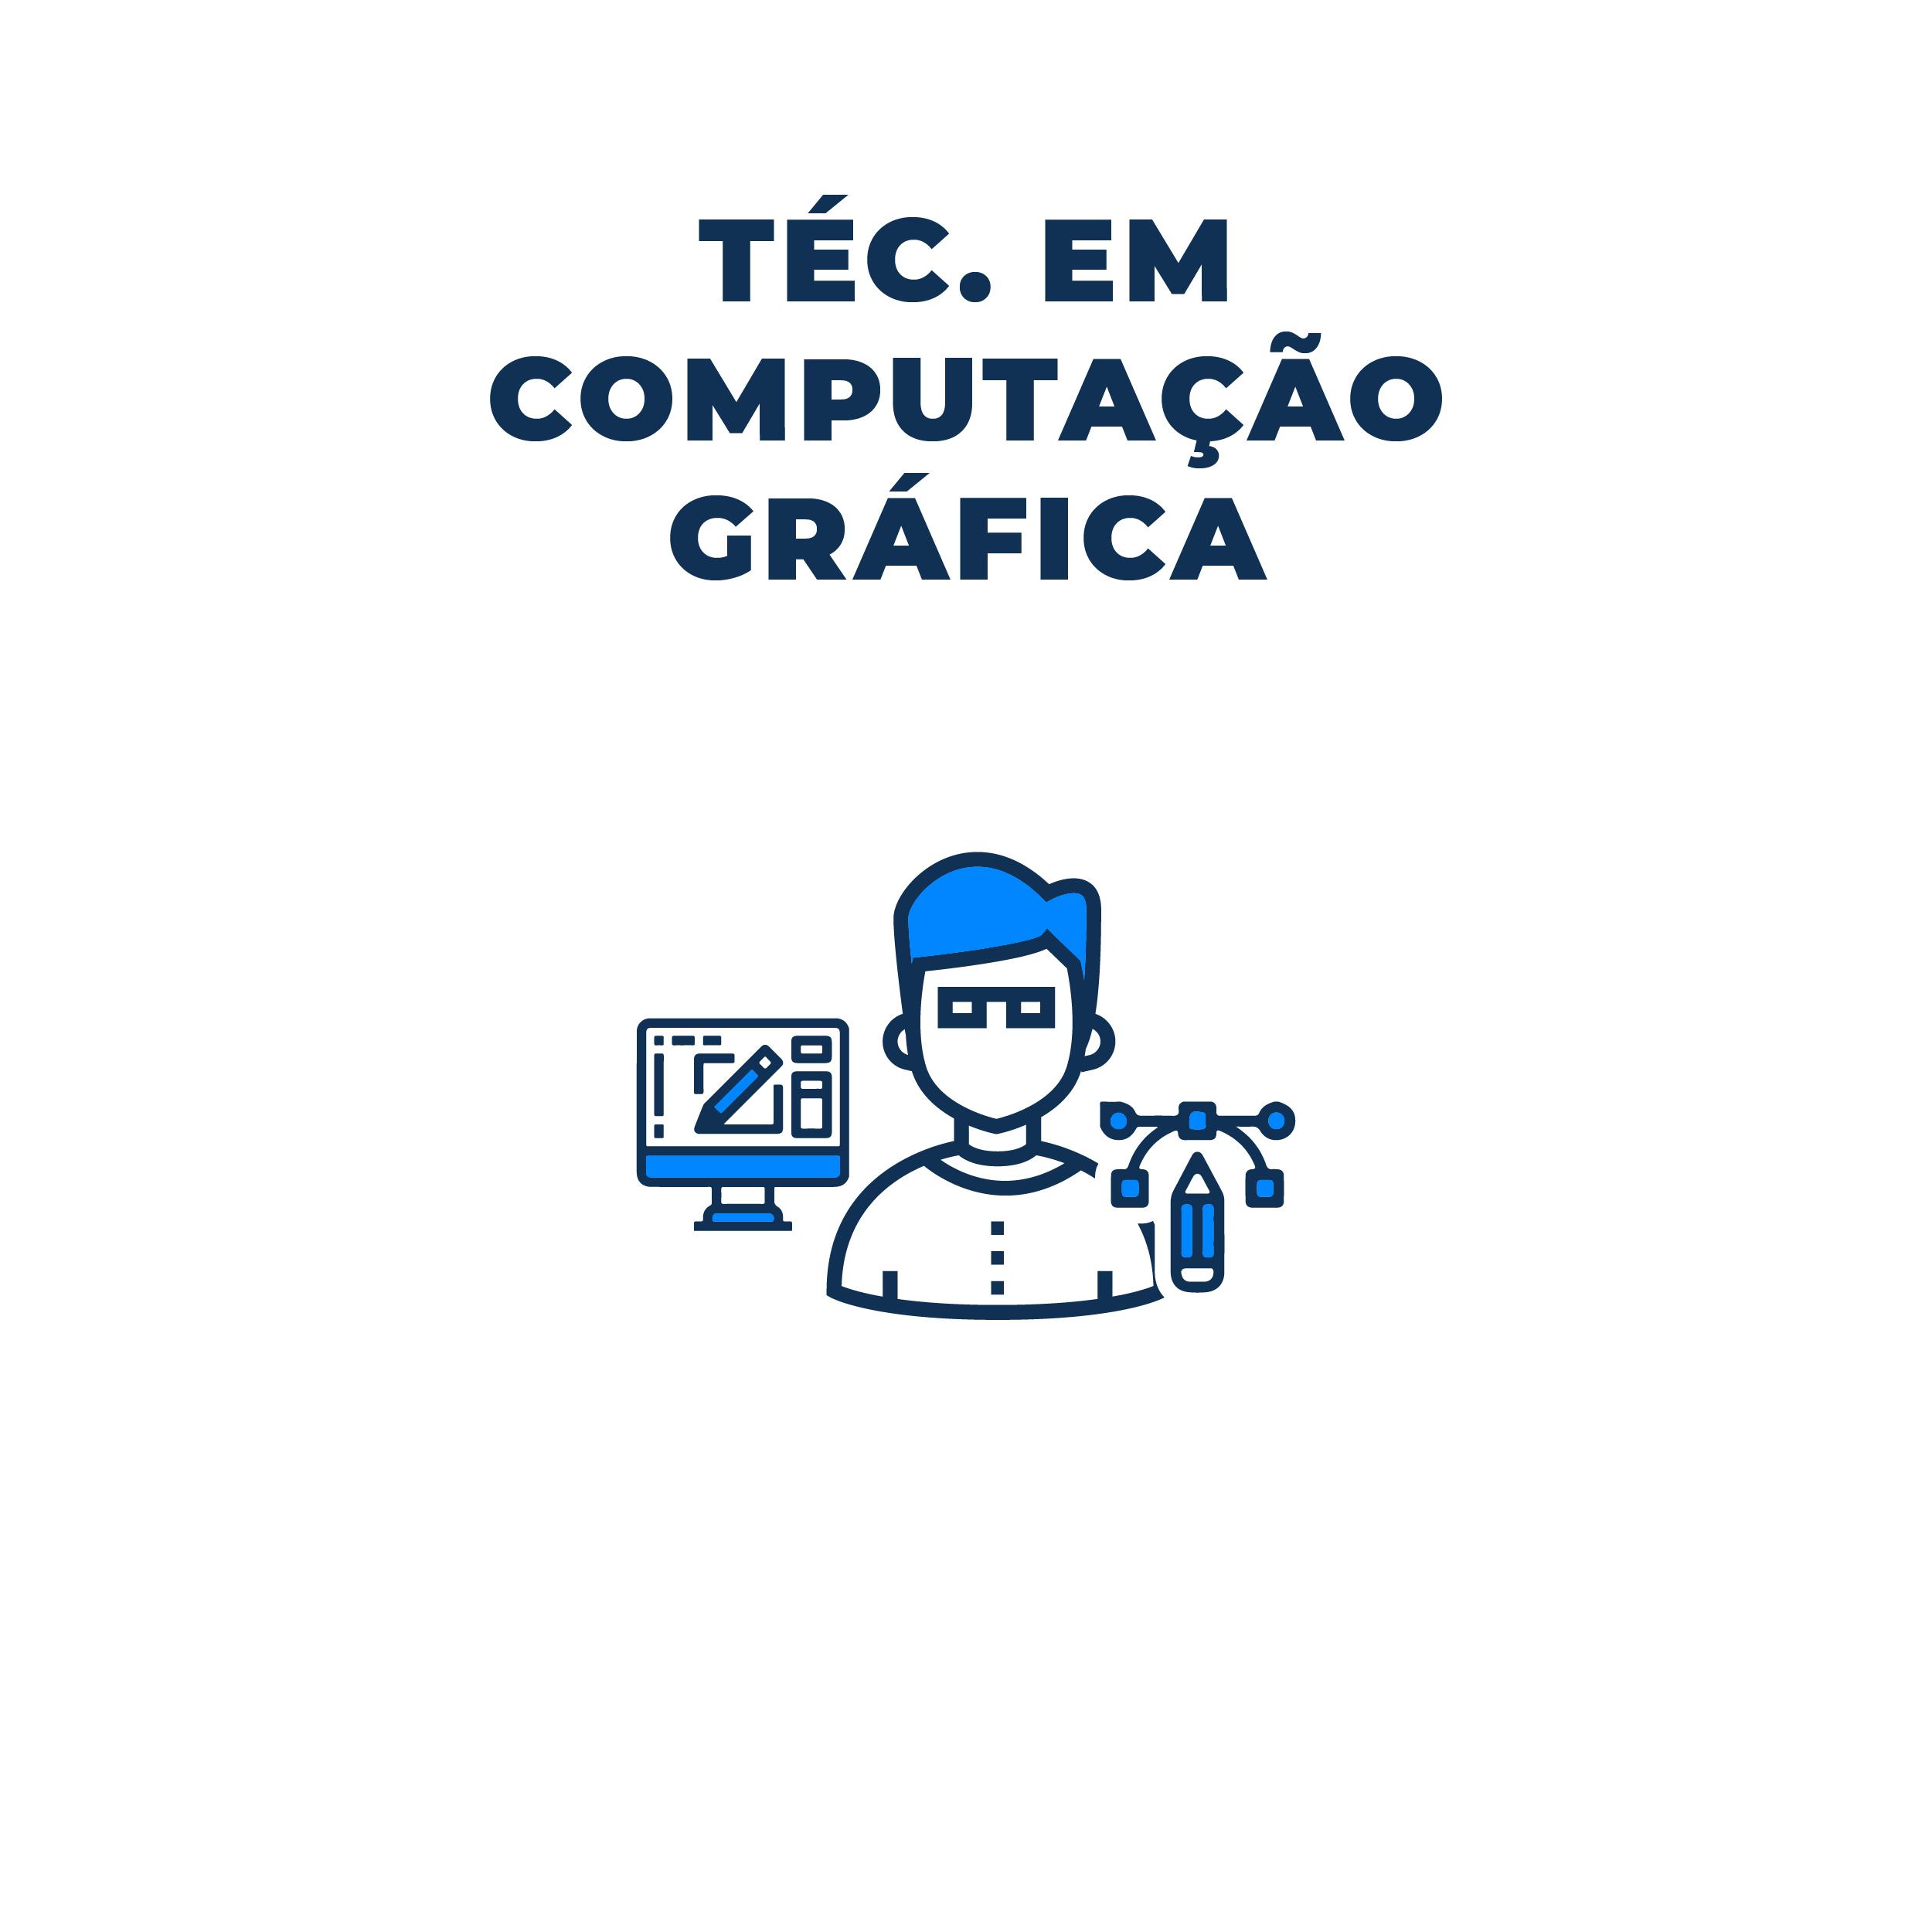 comp grafica